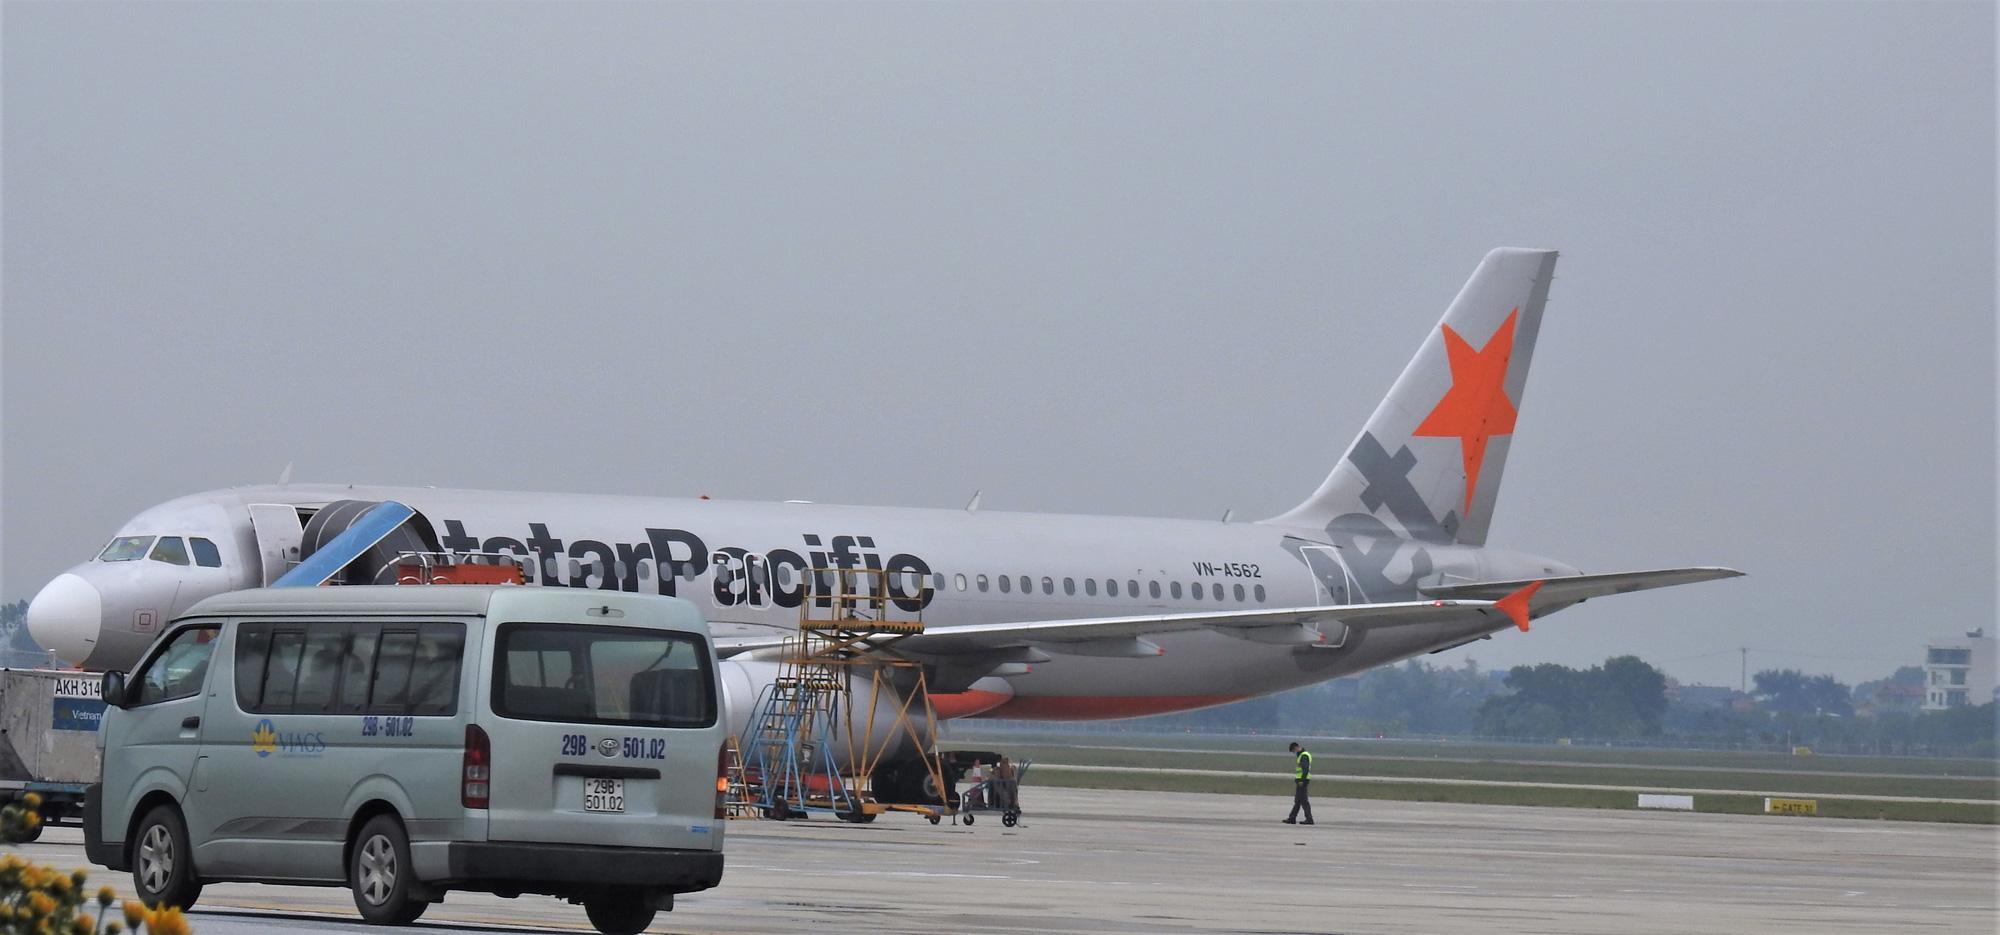 Vietnam Airlines Group chuẩn bị phục hồi toàn bộ mạng bay nội địa - Ảnh 2.